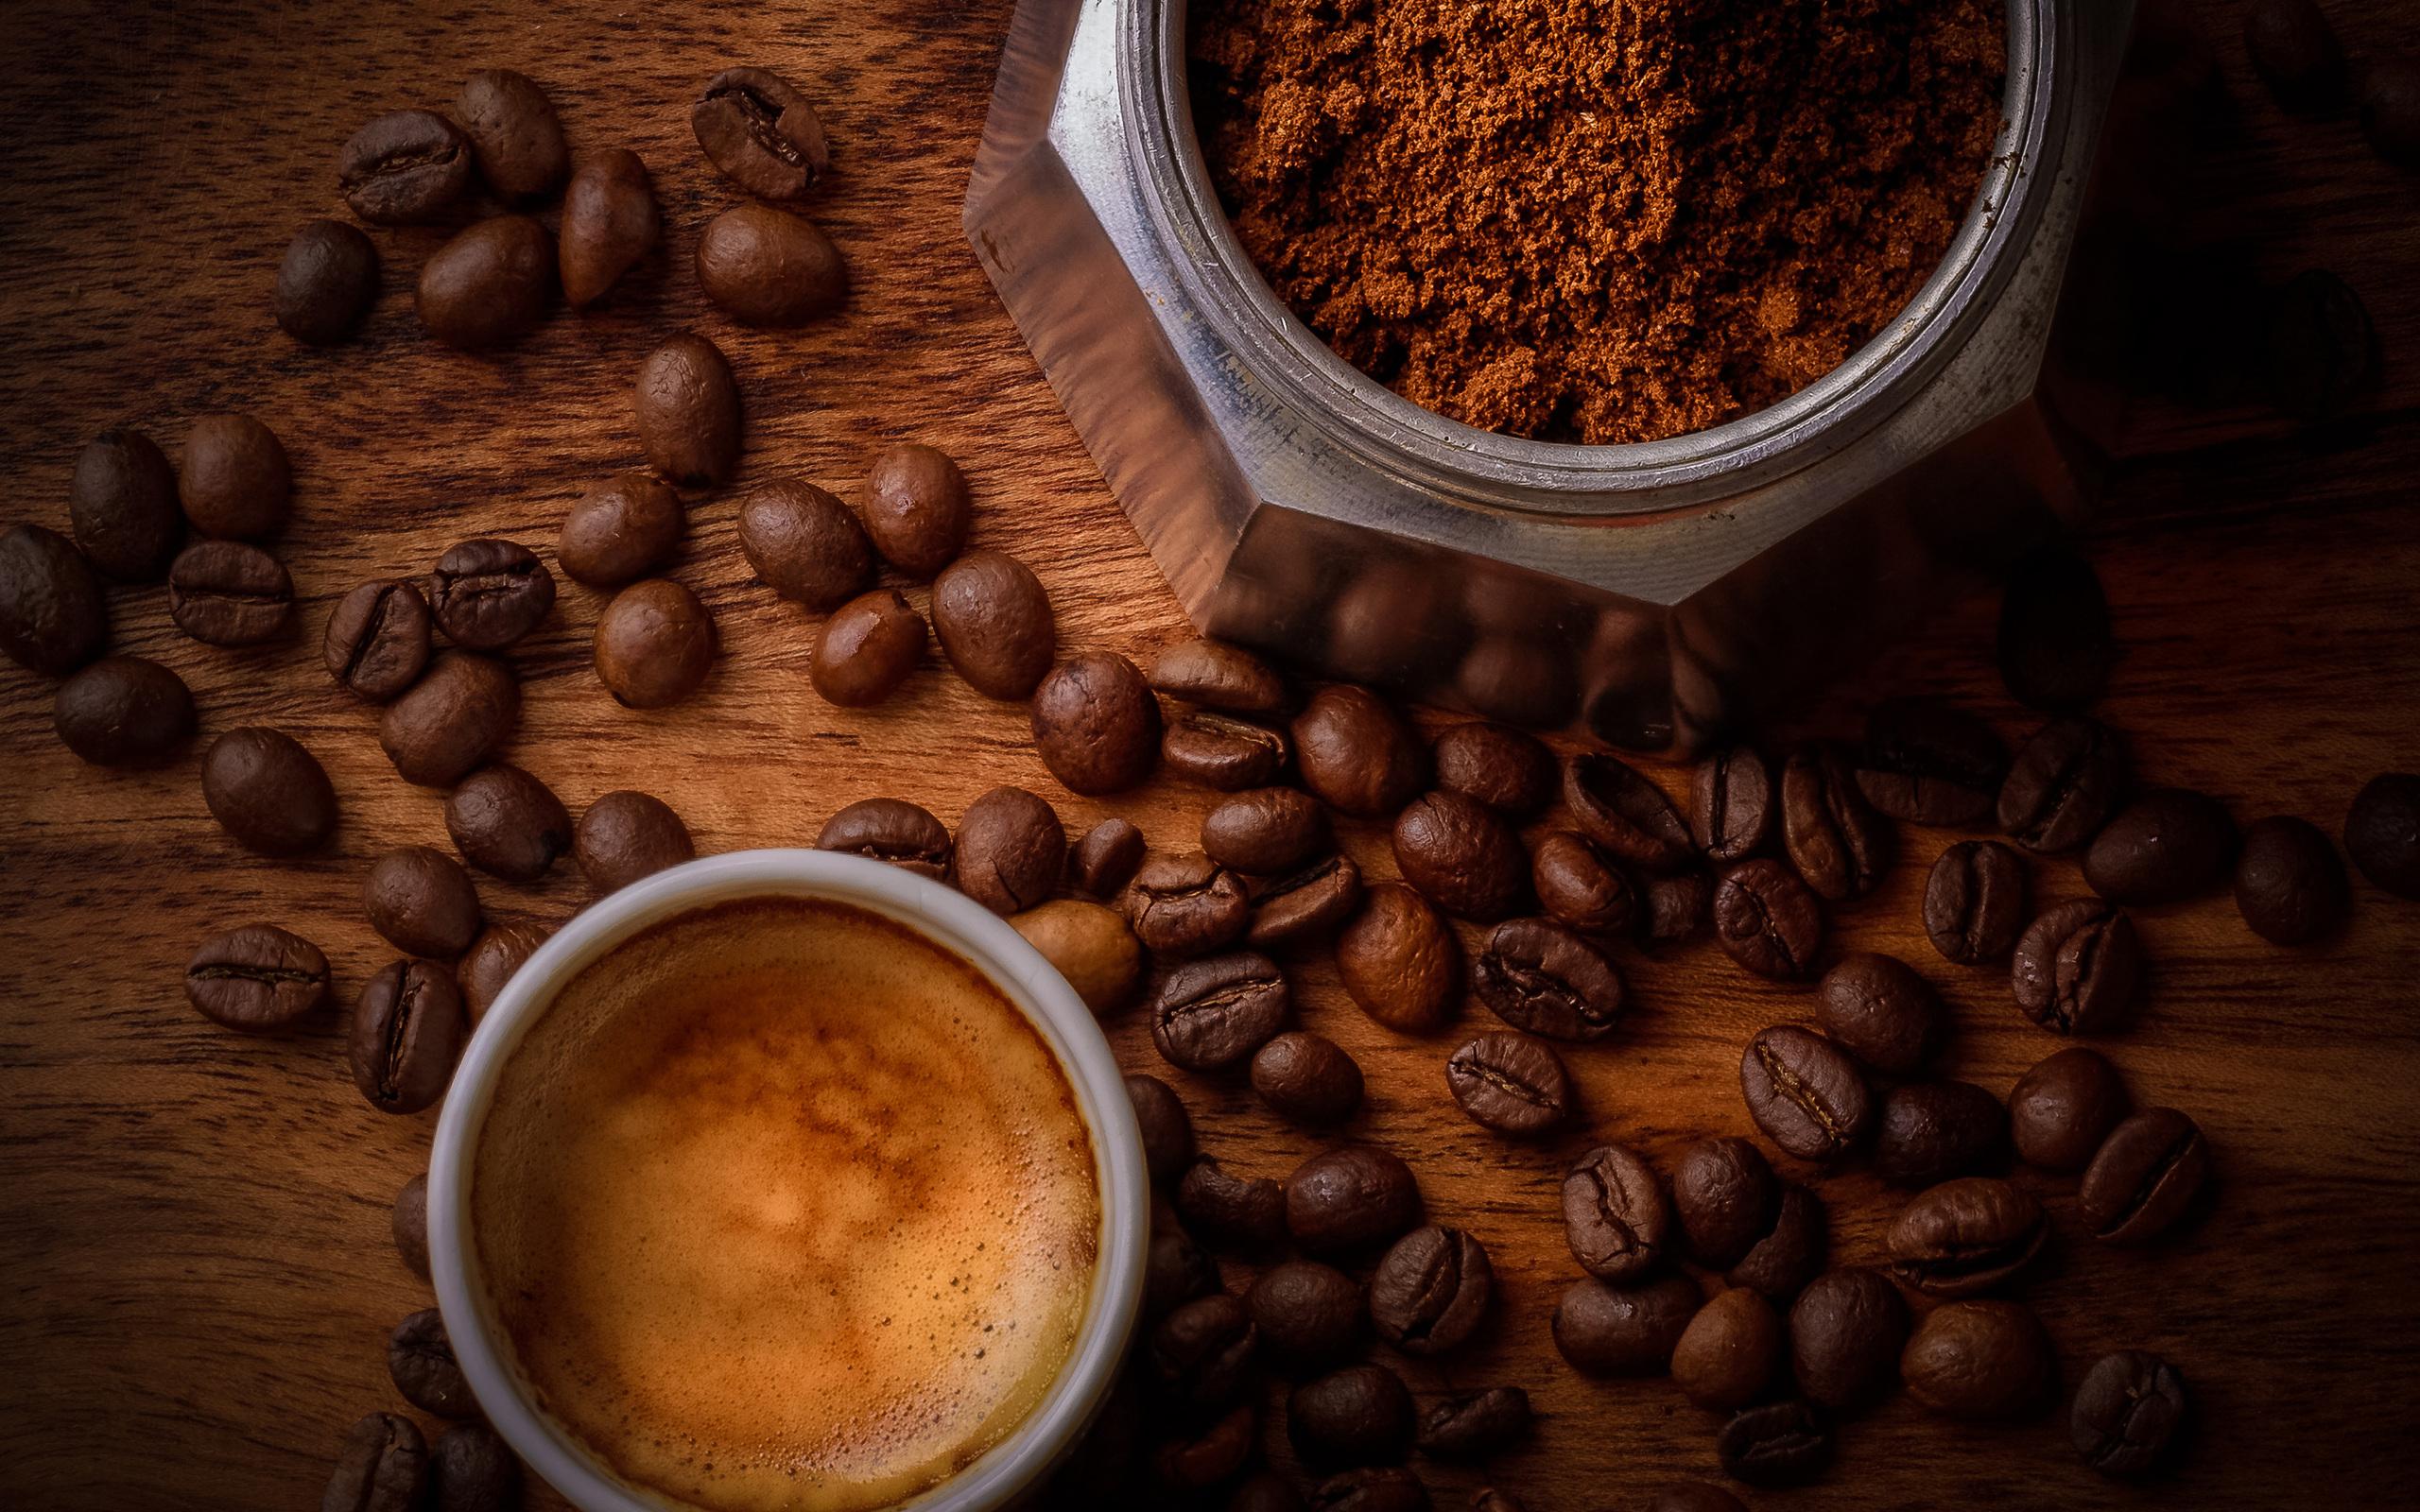 coffee-beside-coffee-beans-pp.jpg